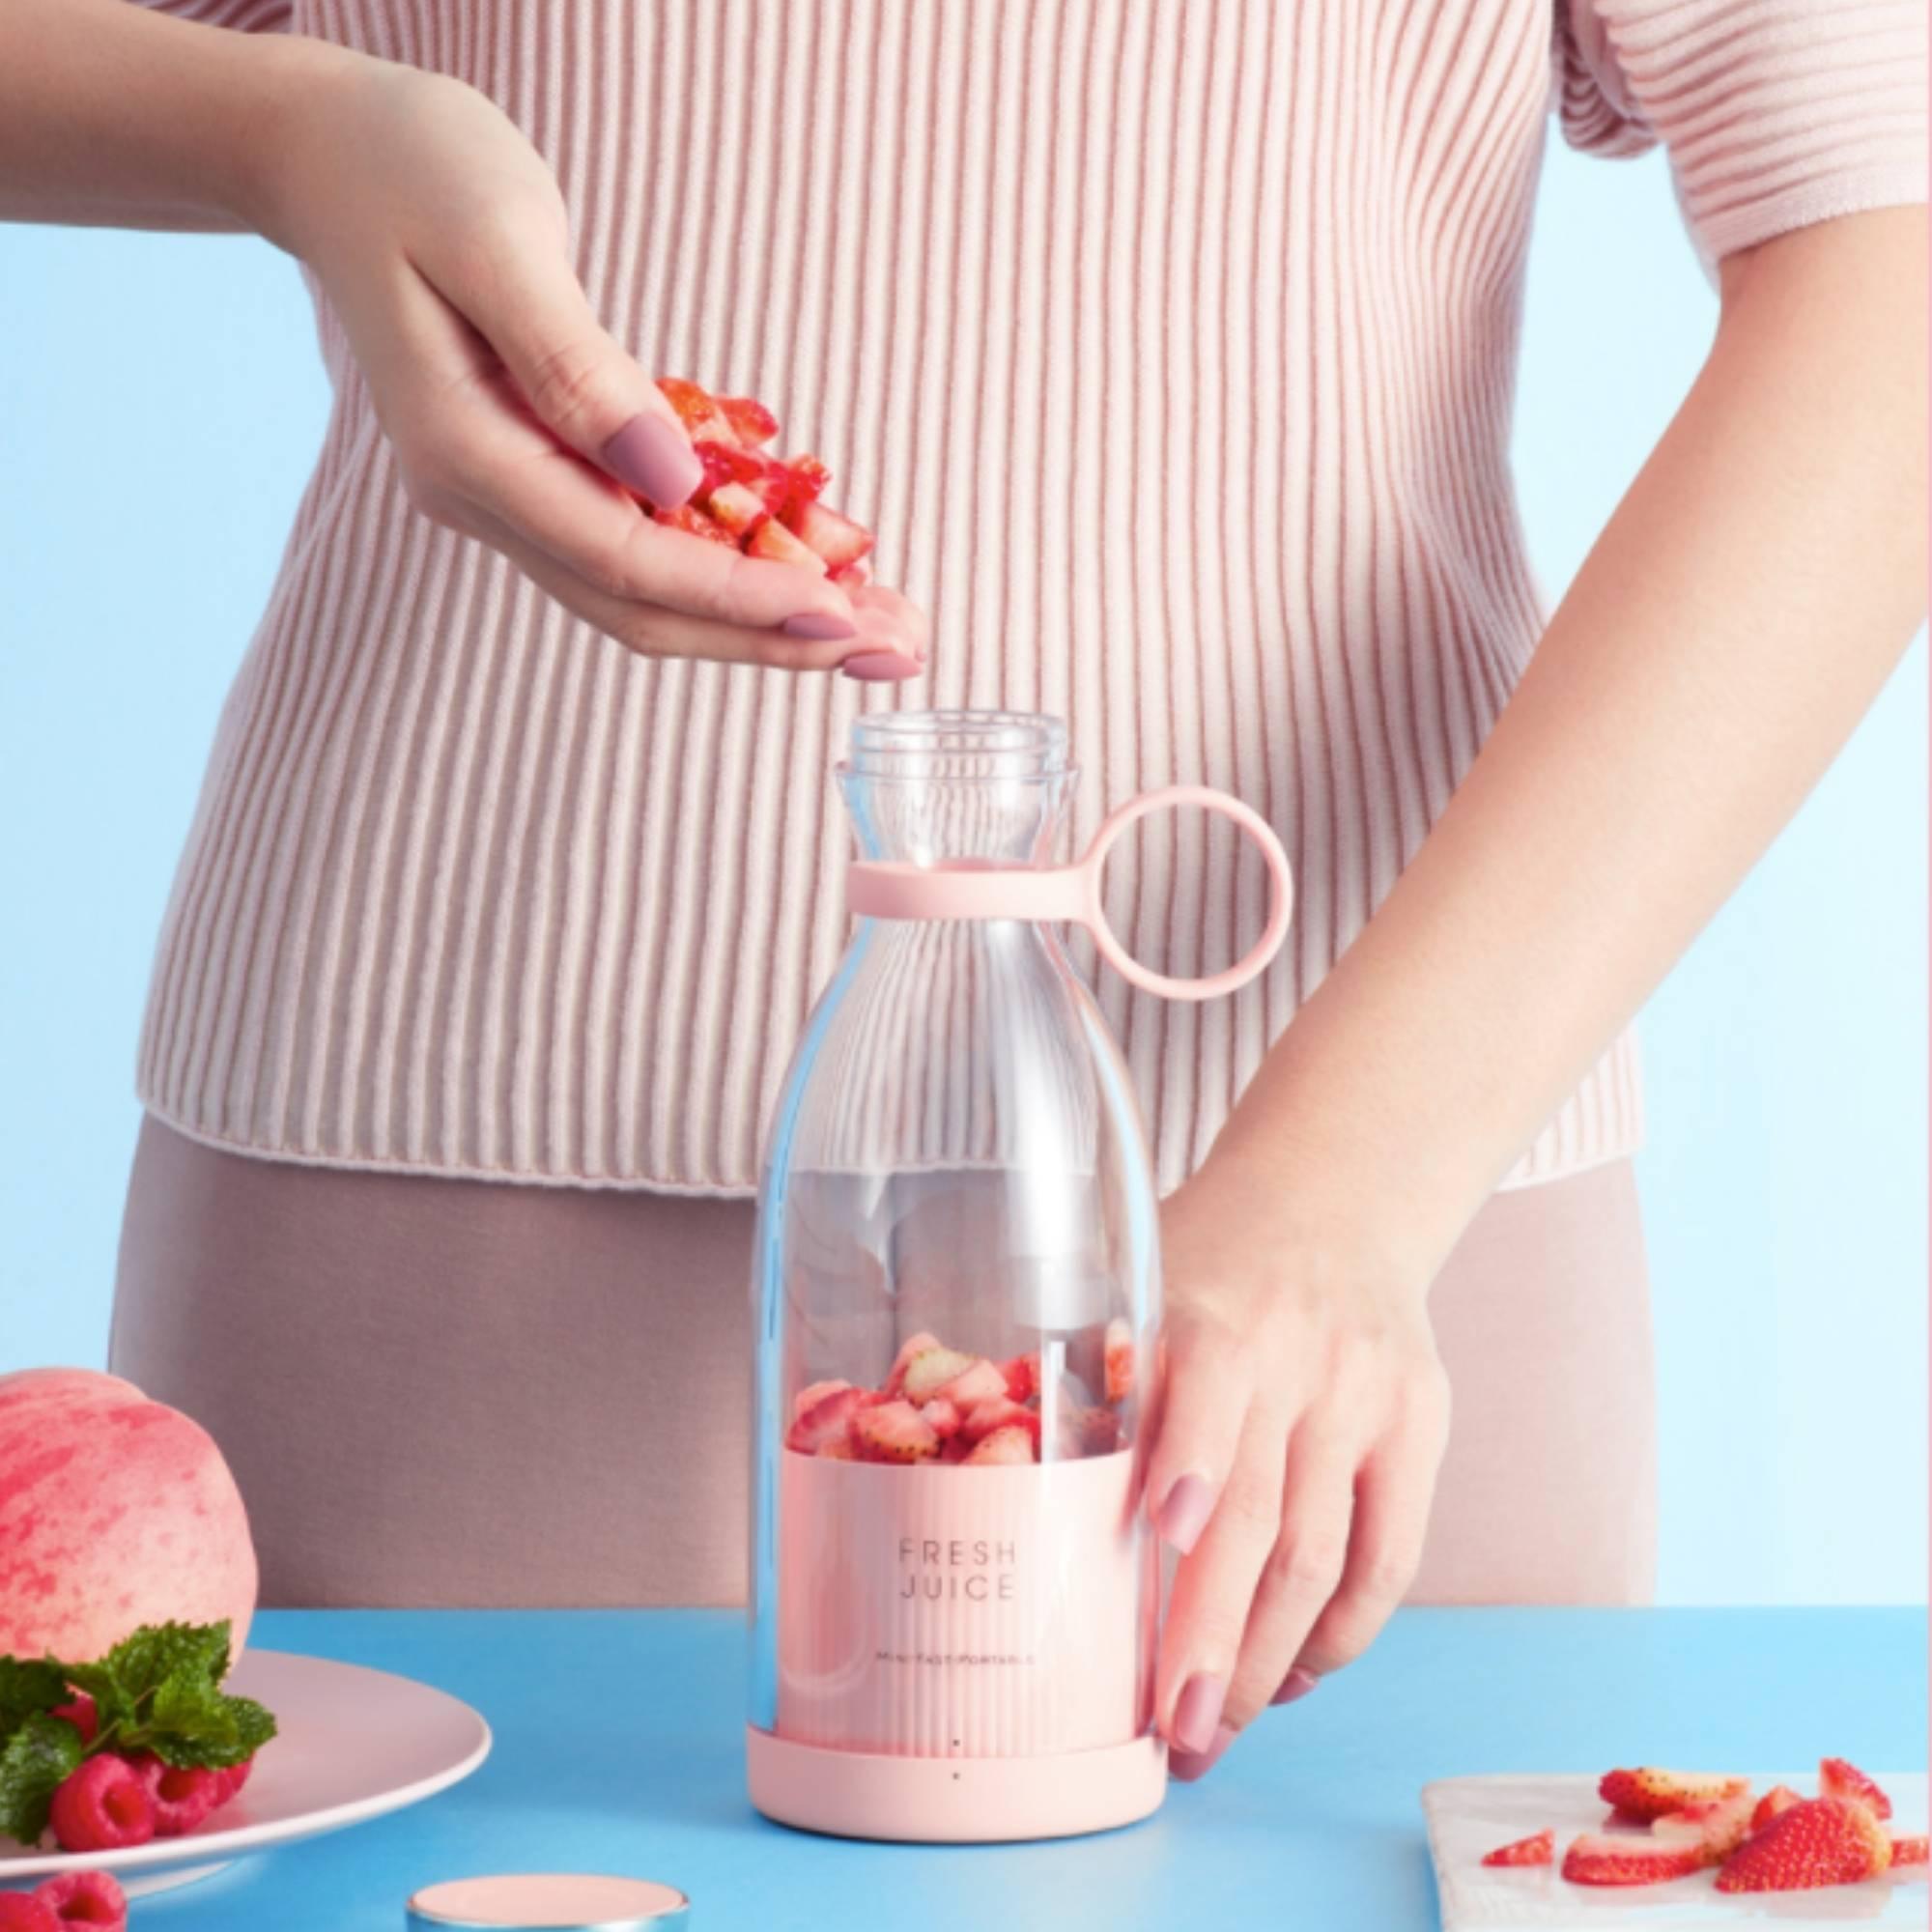 portable blender, portable juice blender, portable blender bottle, portable usb blender, portable blender australia